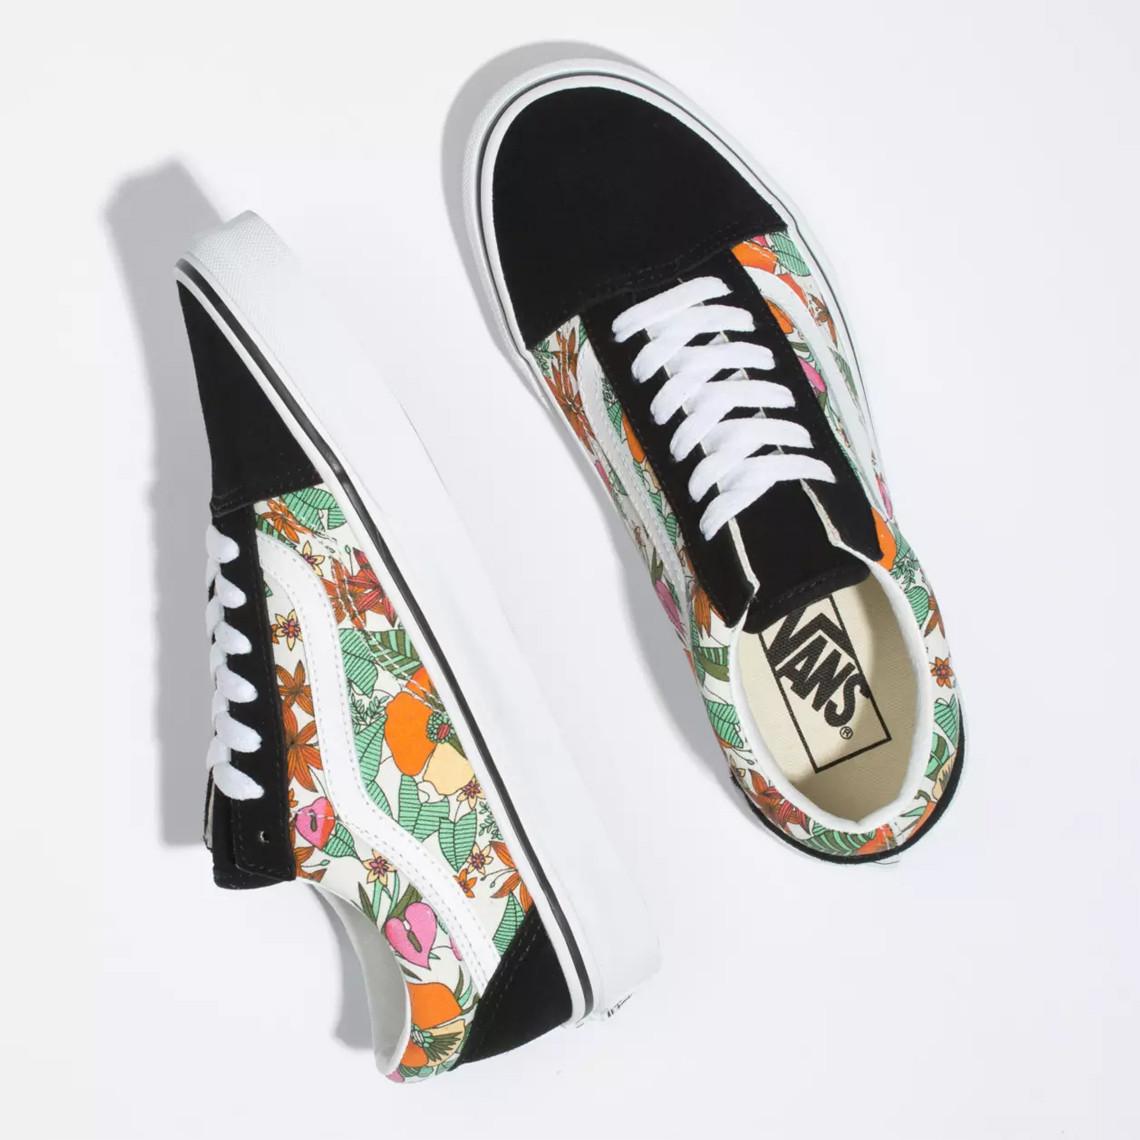 Vans,Slip-On,,Sk8-Hi,Old Skool 春意盎然的 Vans 花卉系列!4 款全新配色现已发售!